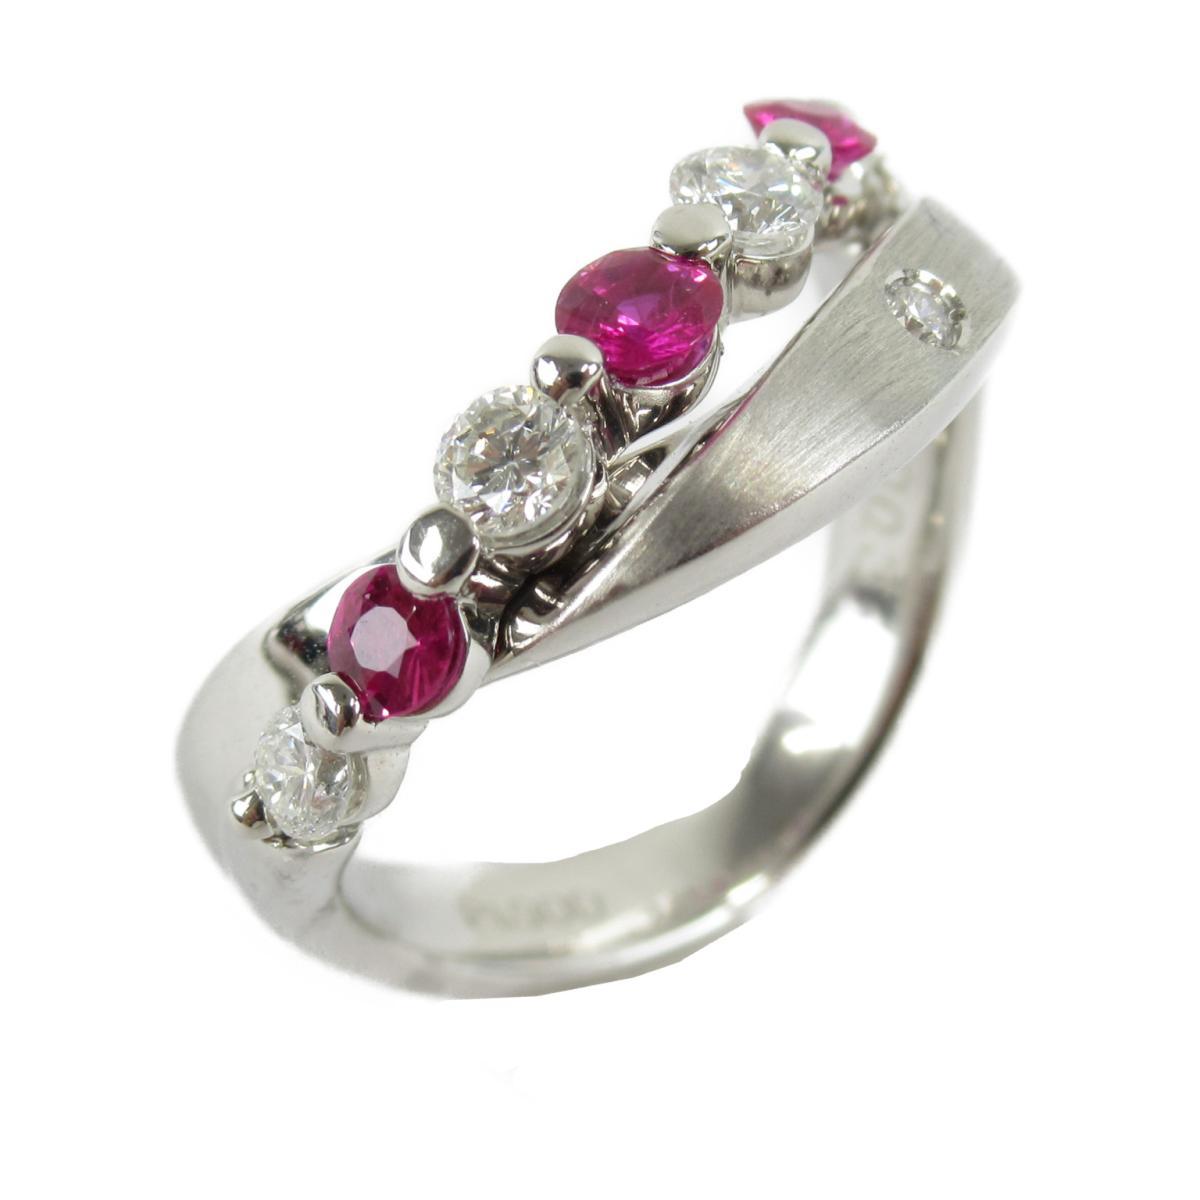 【中古】ジュエリー ルビー ダイヤモンド リング 指輪 ユニセックス PT900 プラチナルビー(0.30)xダイヤモンド(0.33ct)